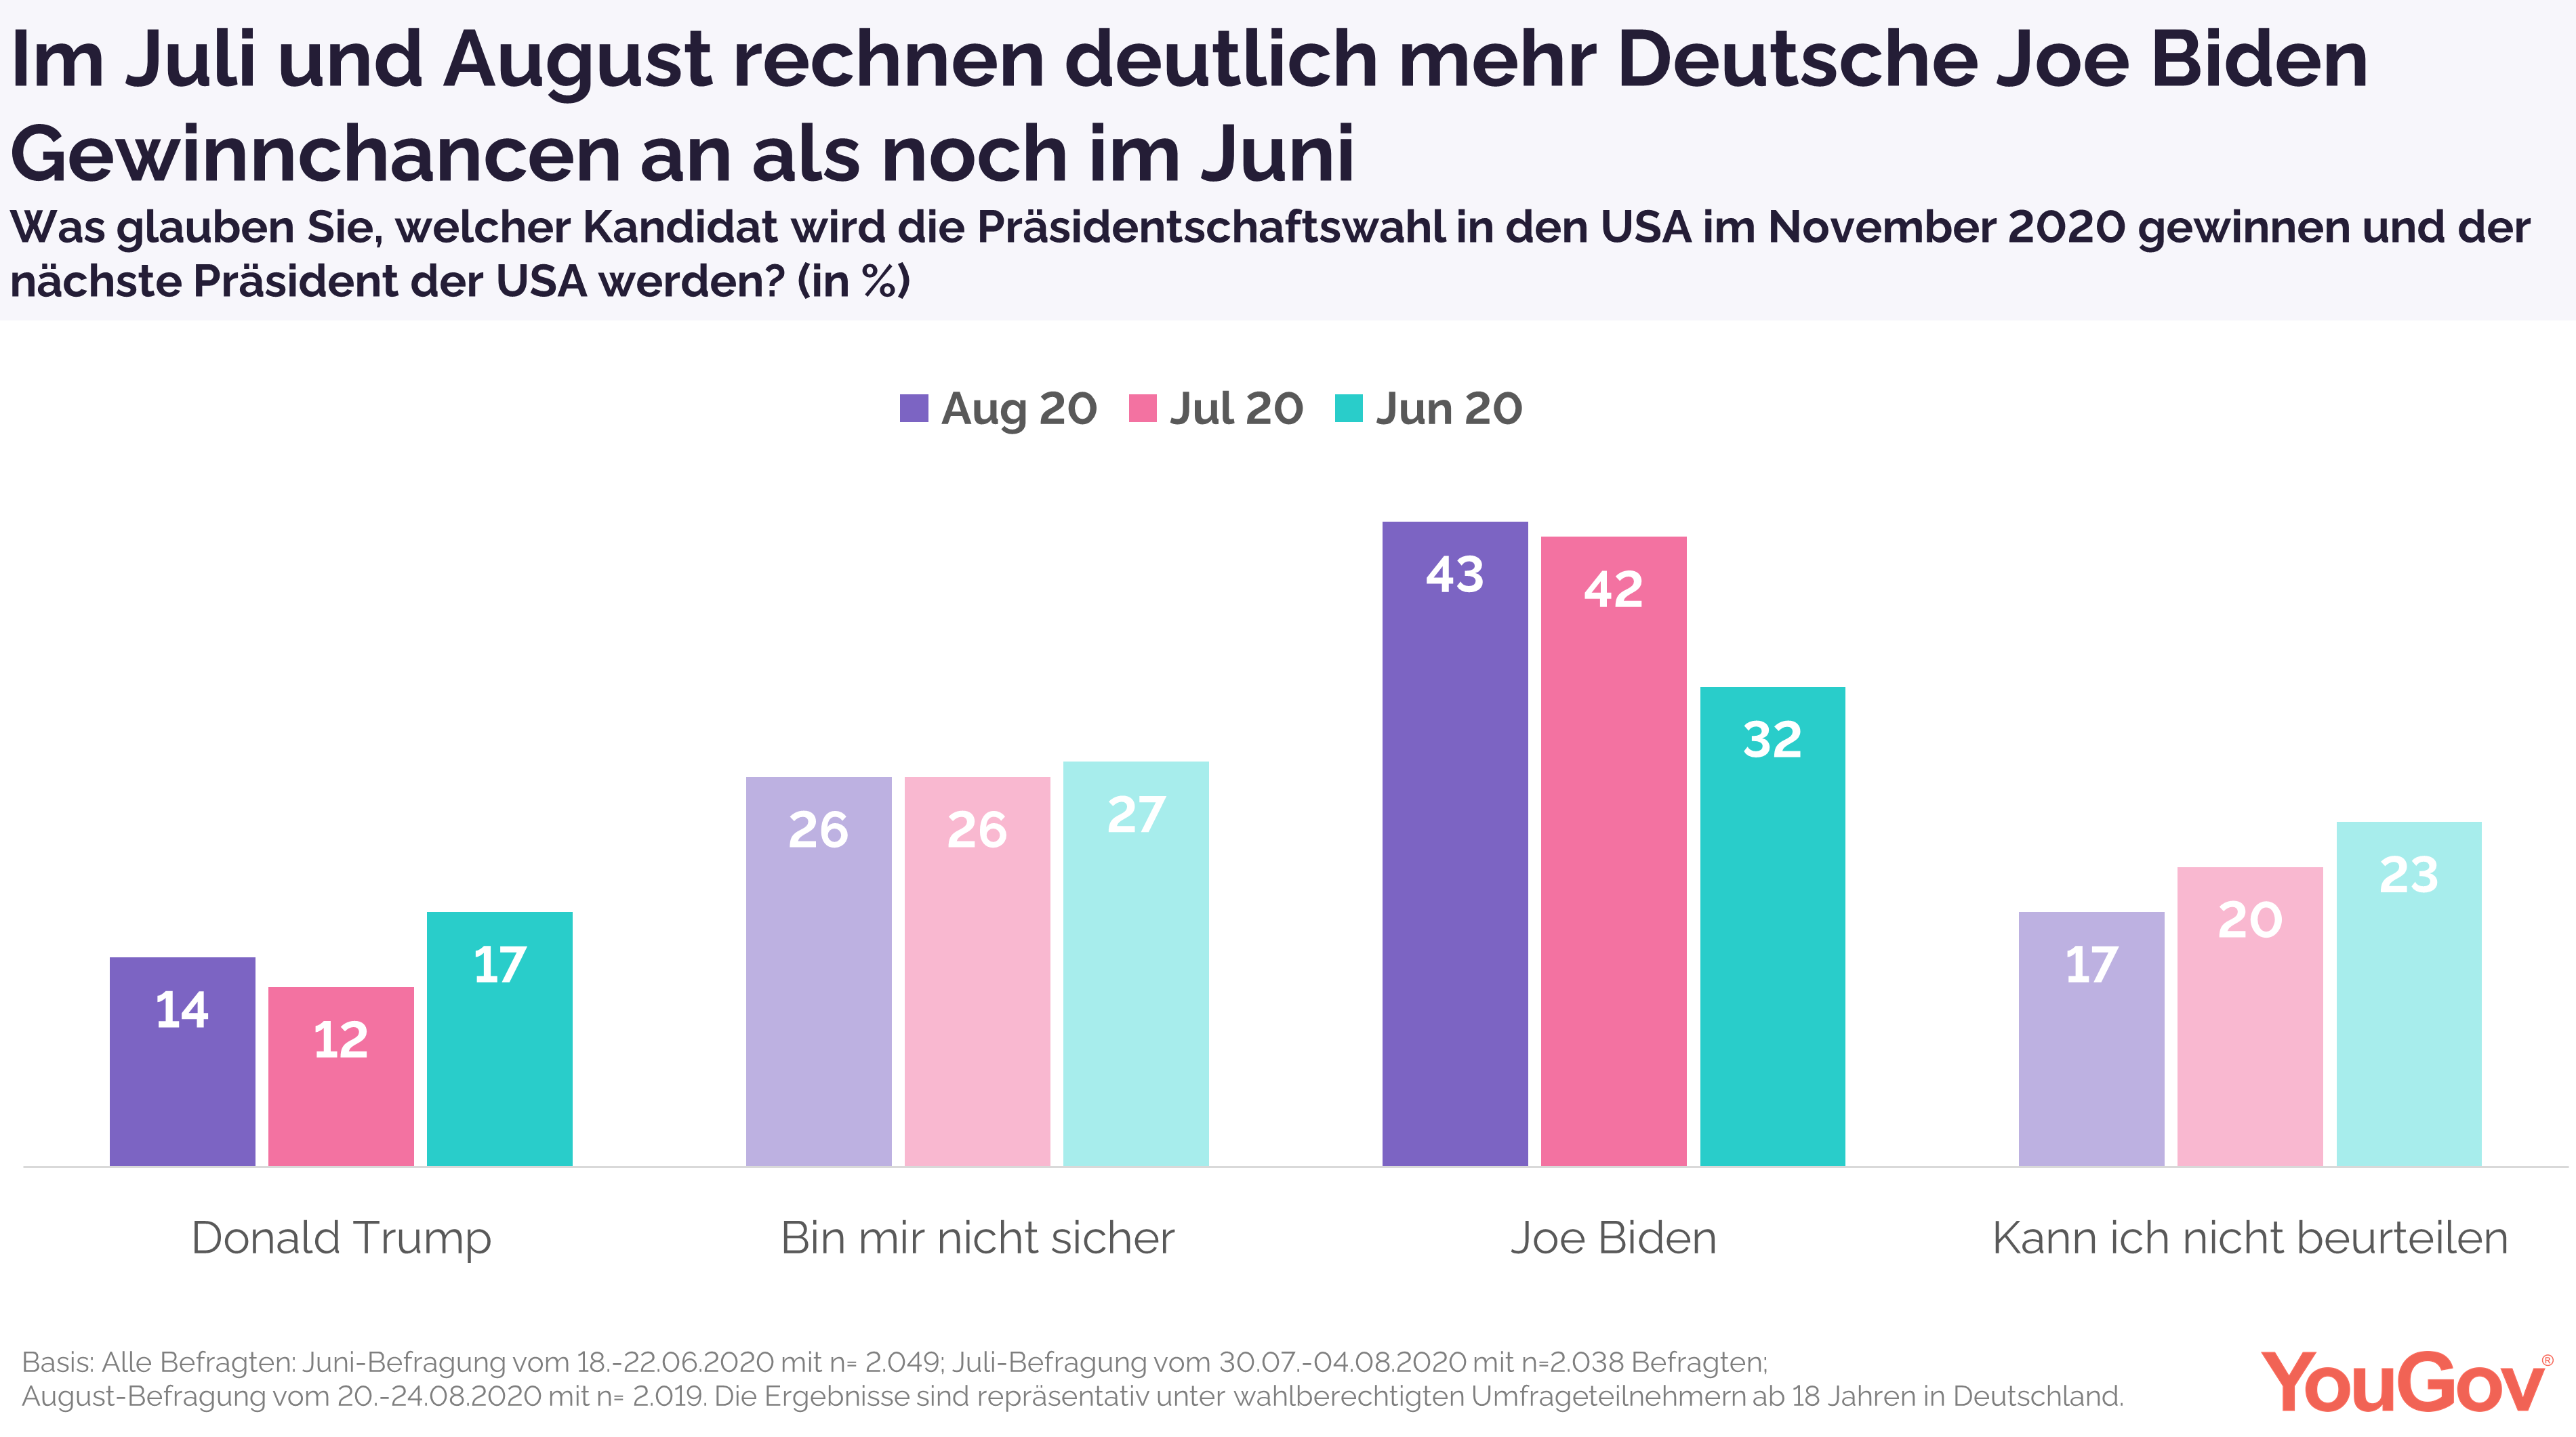 Joe Biden für Deutsche weiterhin vorn